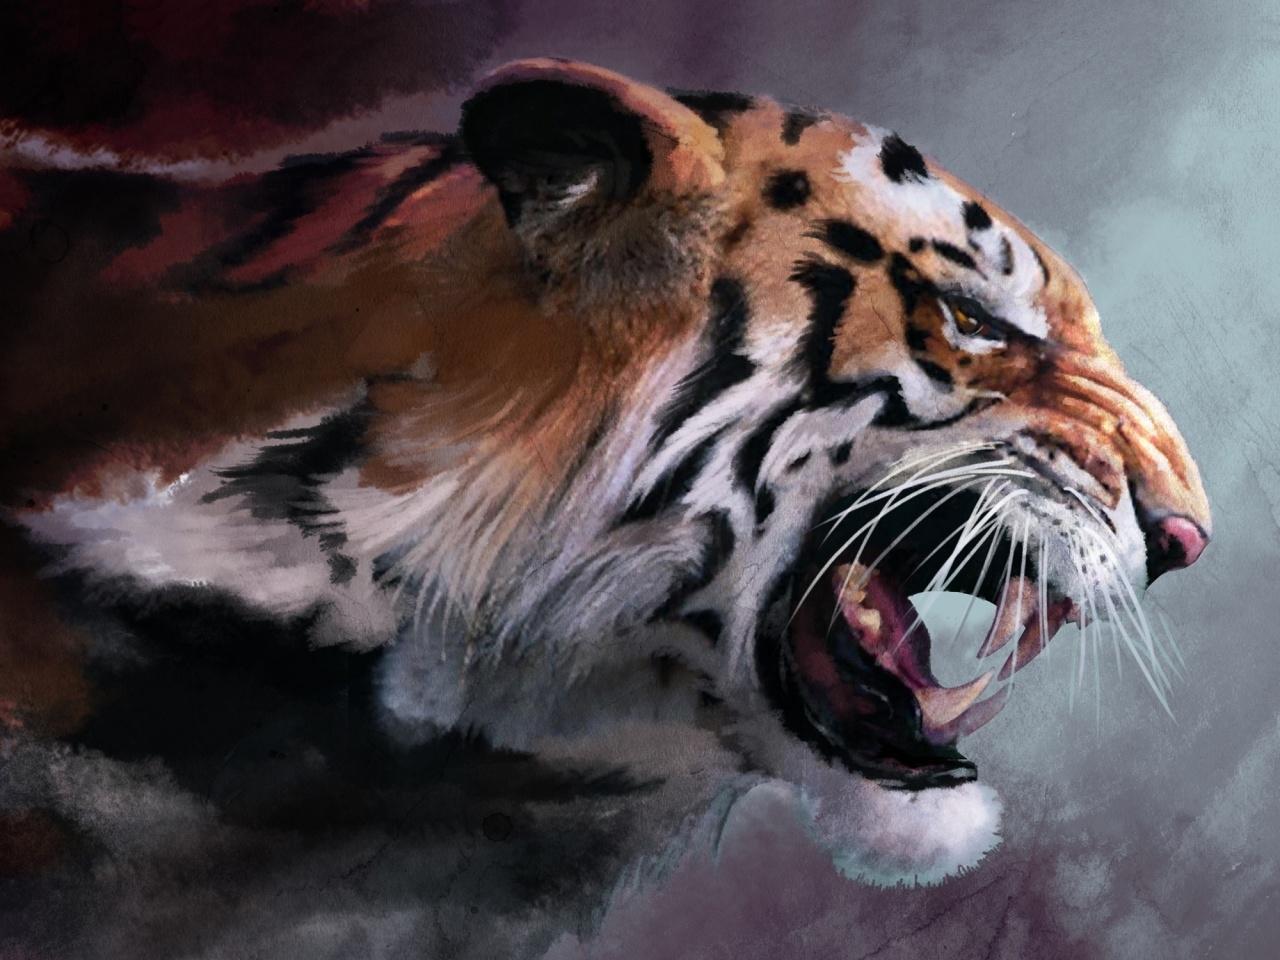 39527 скачать обои Животные, Тигры, Рисунки - заставки и картинки бесплатно